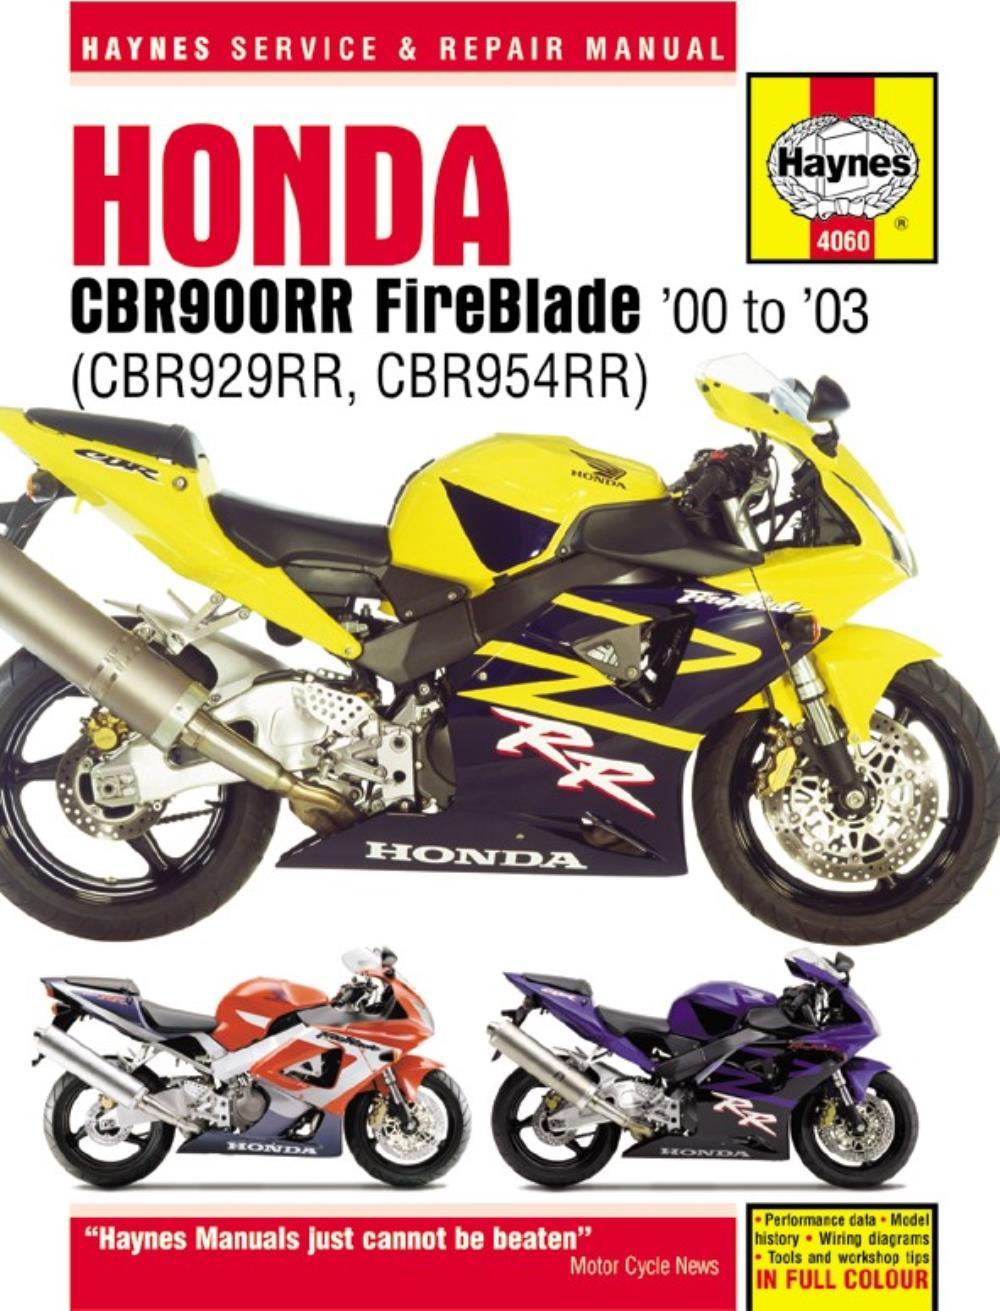 medium resolution of haynes manual 4060 honda cbr900rr 00 on special